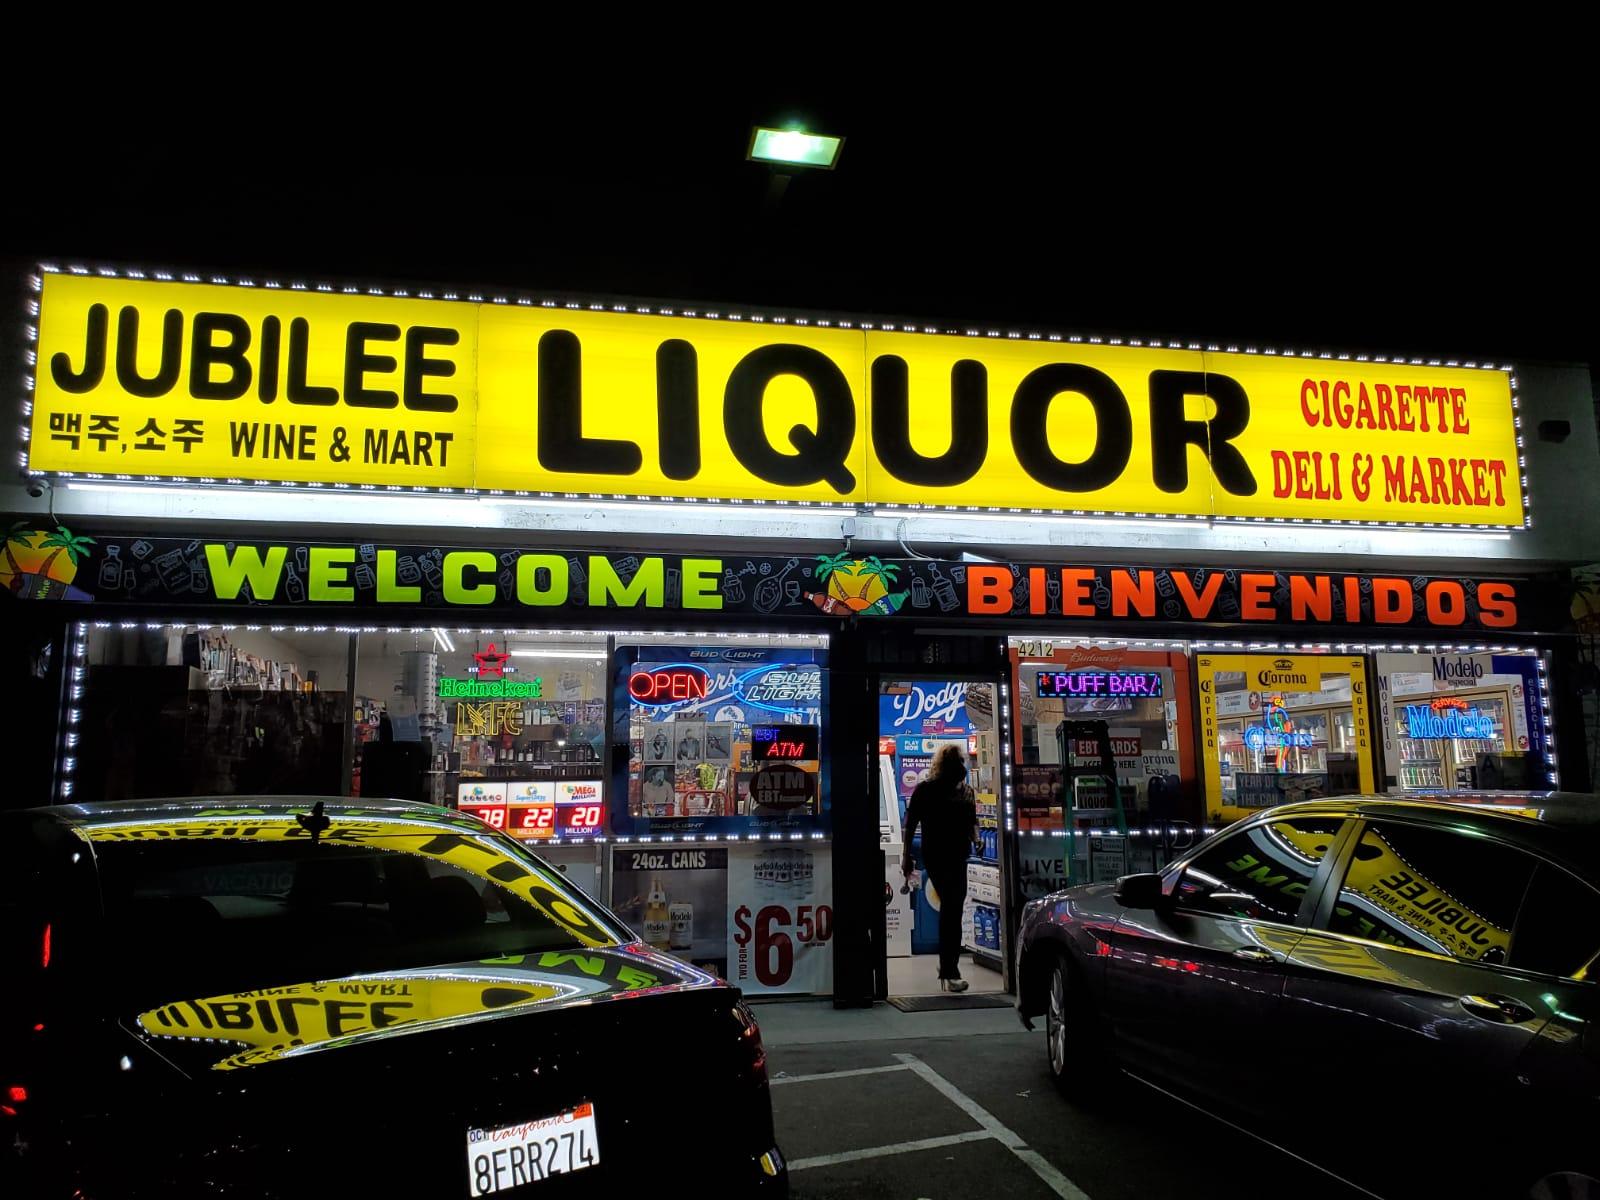 Jubilee Liquor